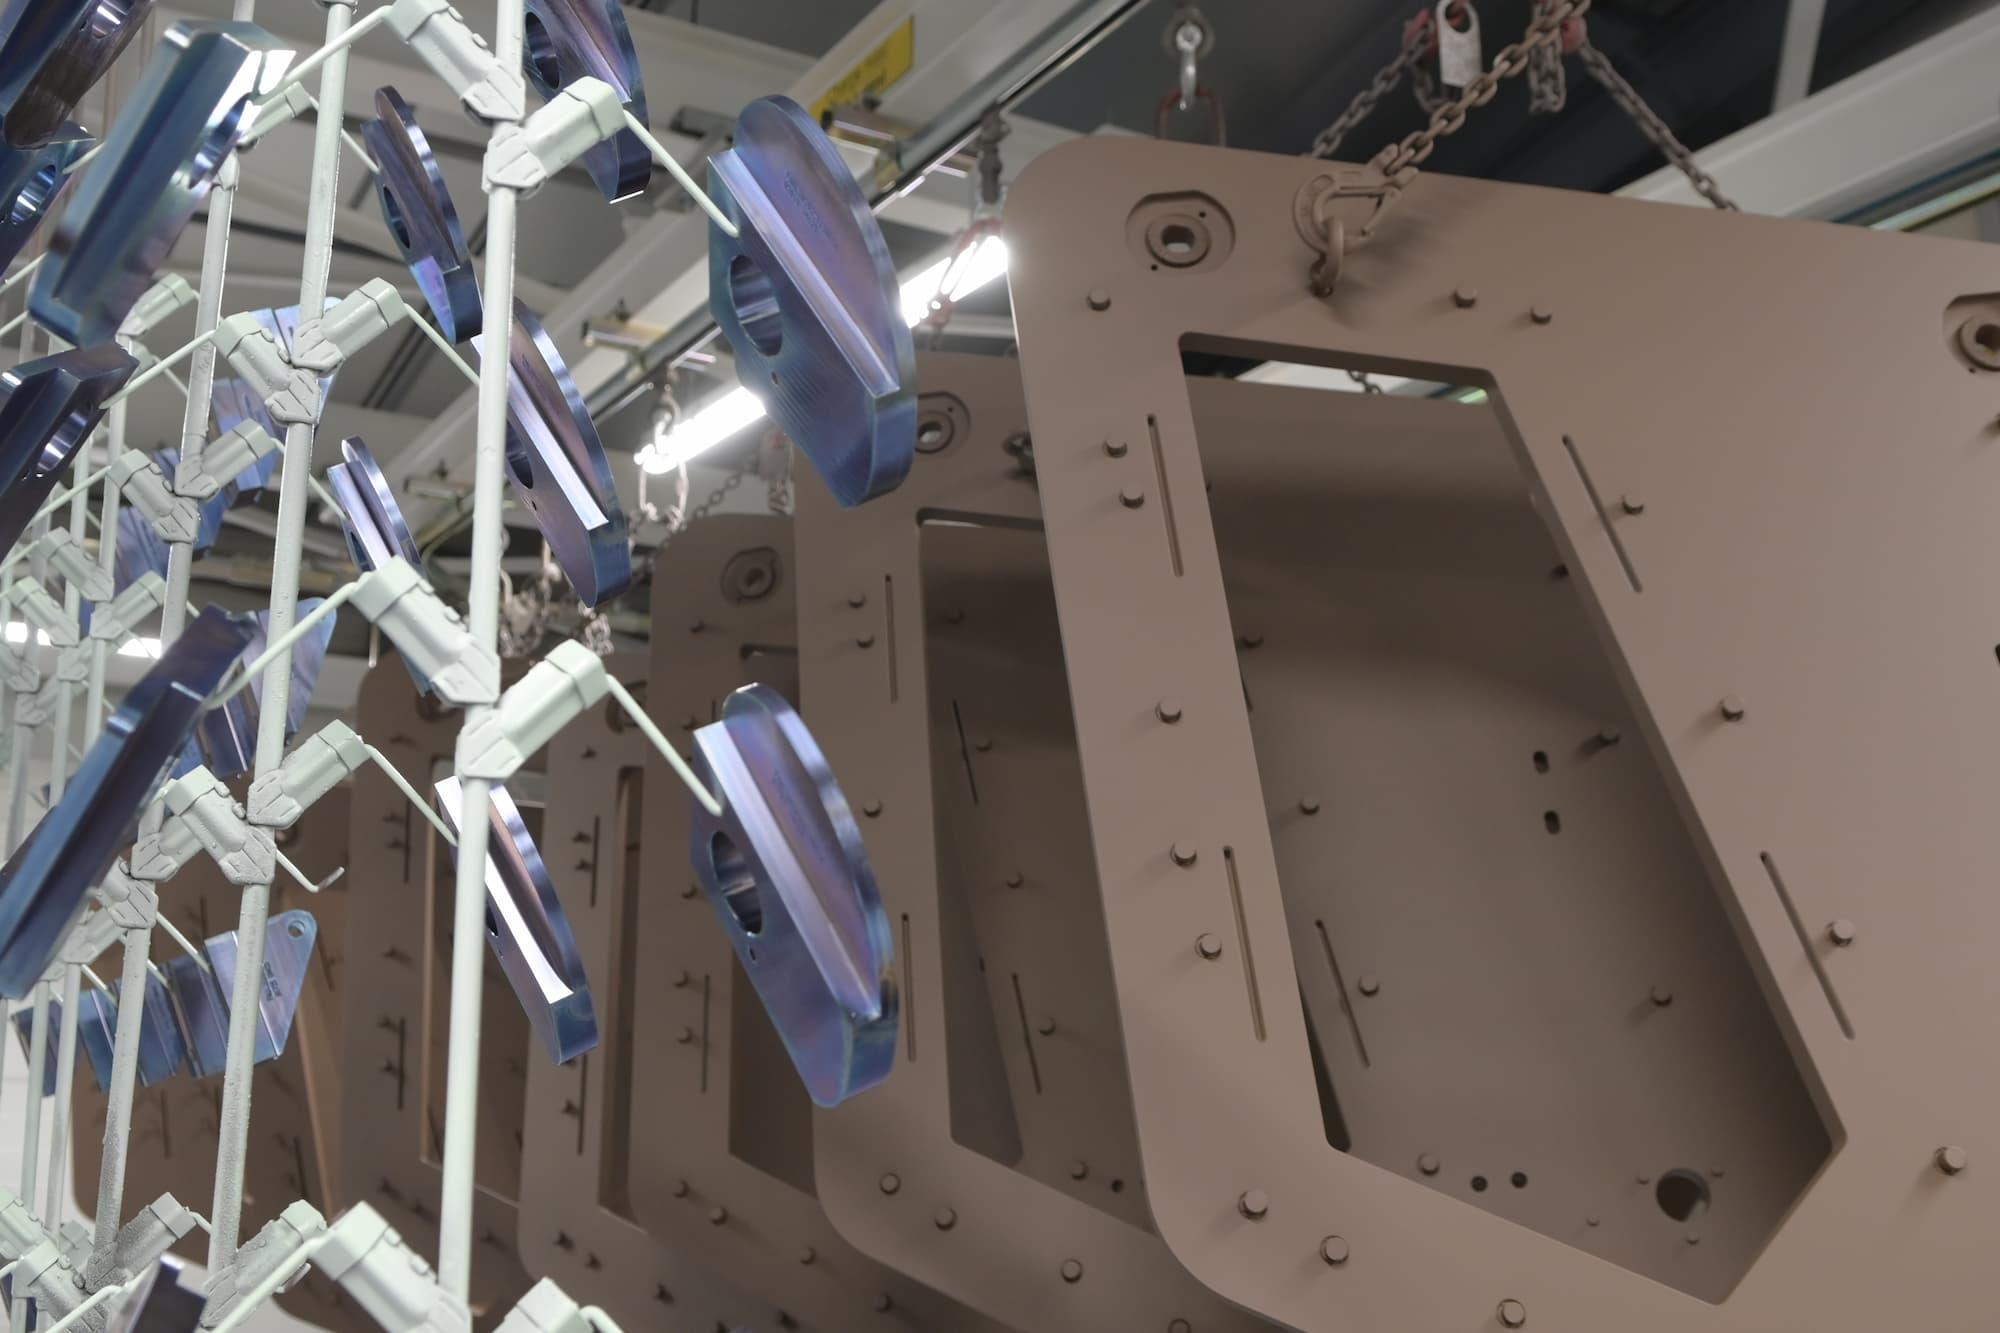 traitement peinture pièce sous-ensemble mécanique grande dimension - Conorm